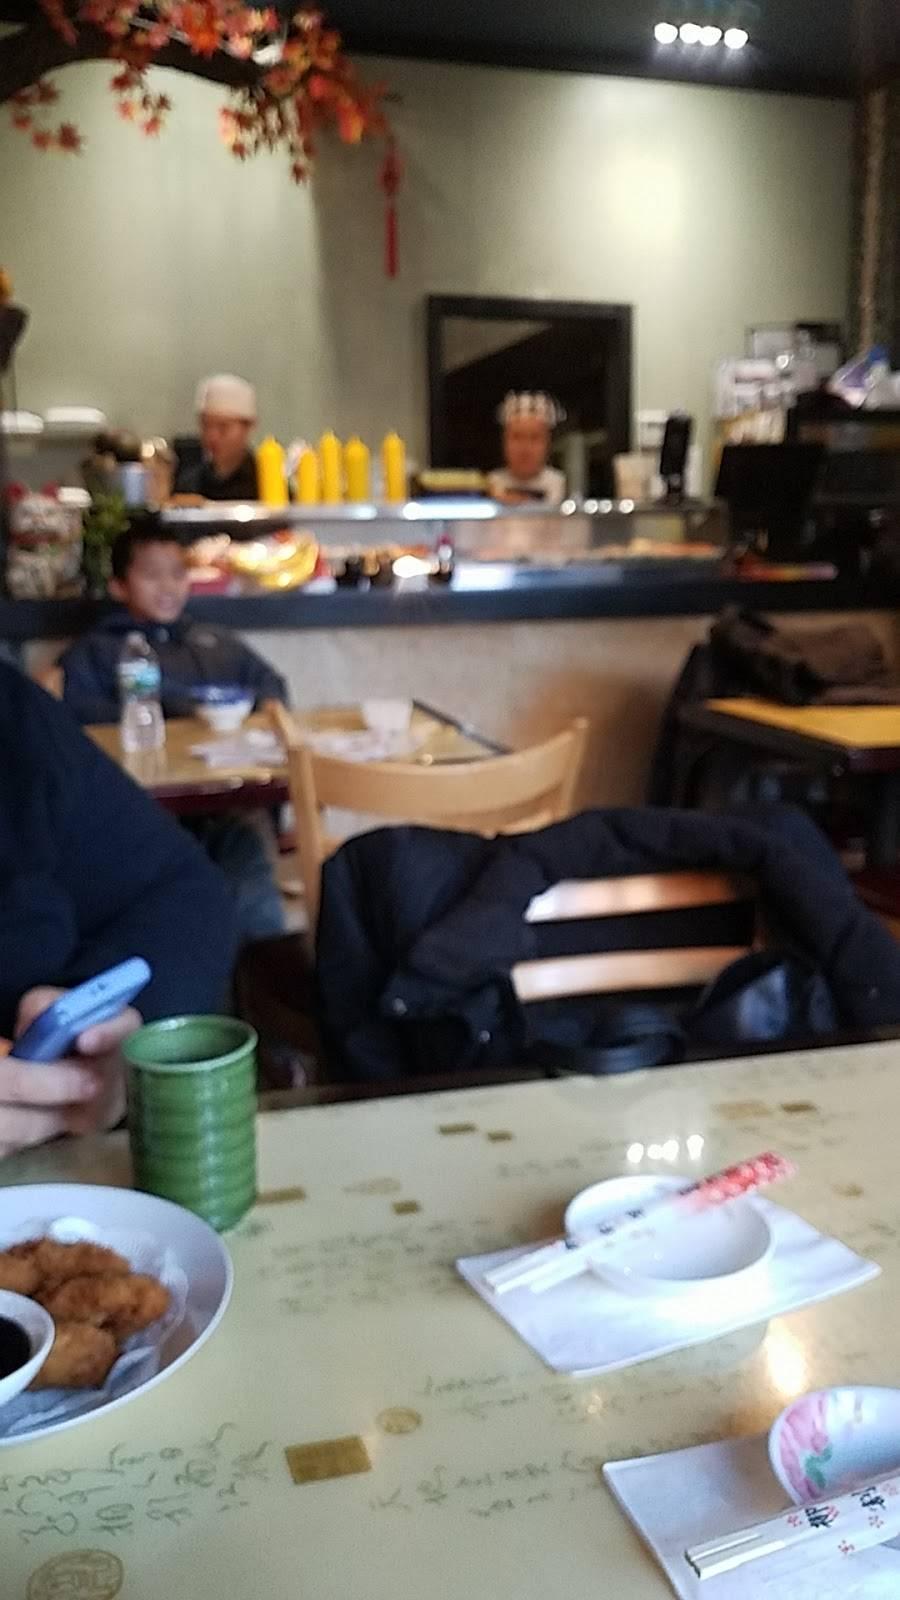 Kumo | restaurant | 37-18 Ditmars Blvd, Astoria, NY 11105, USA | 7182788808 OR +1 718-278-8808